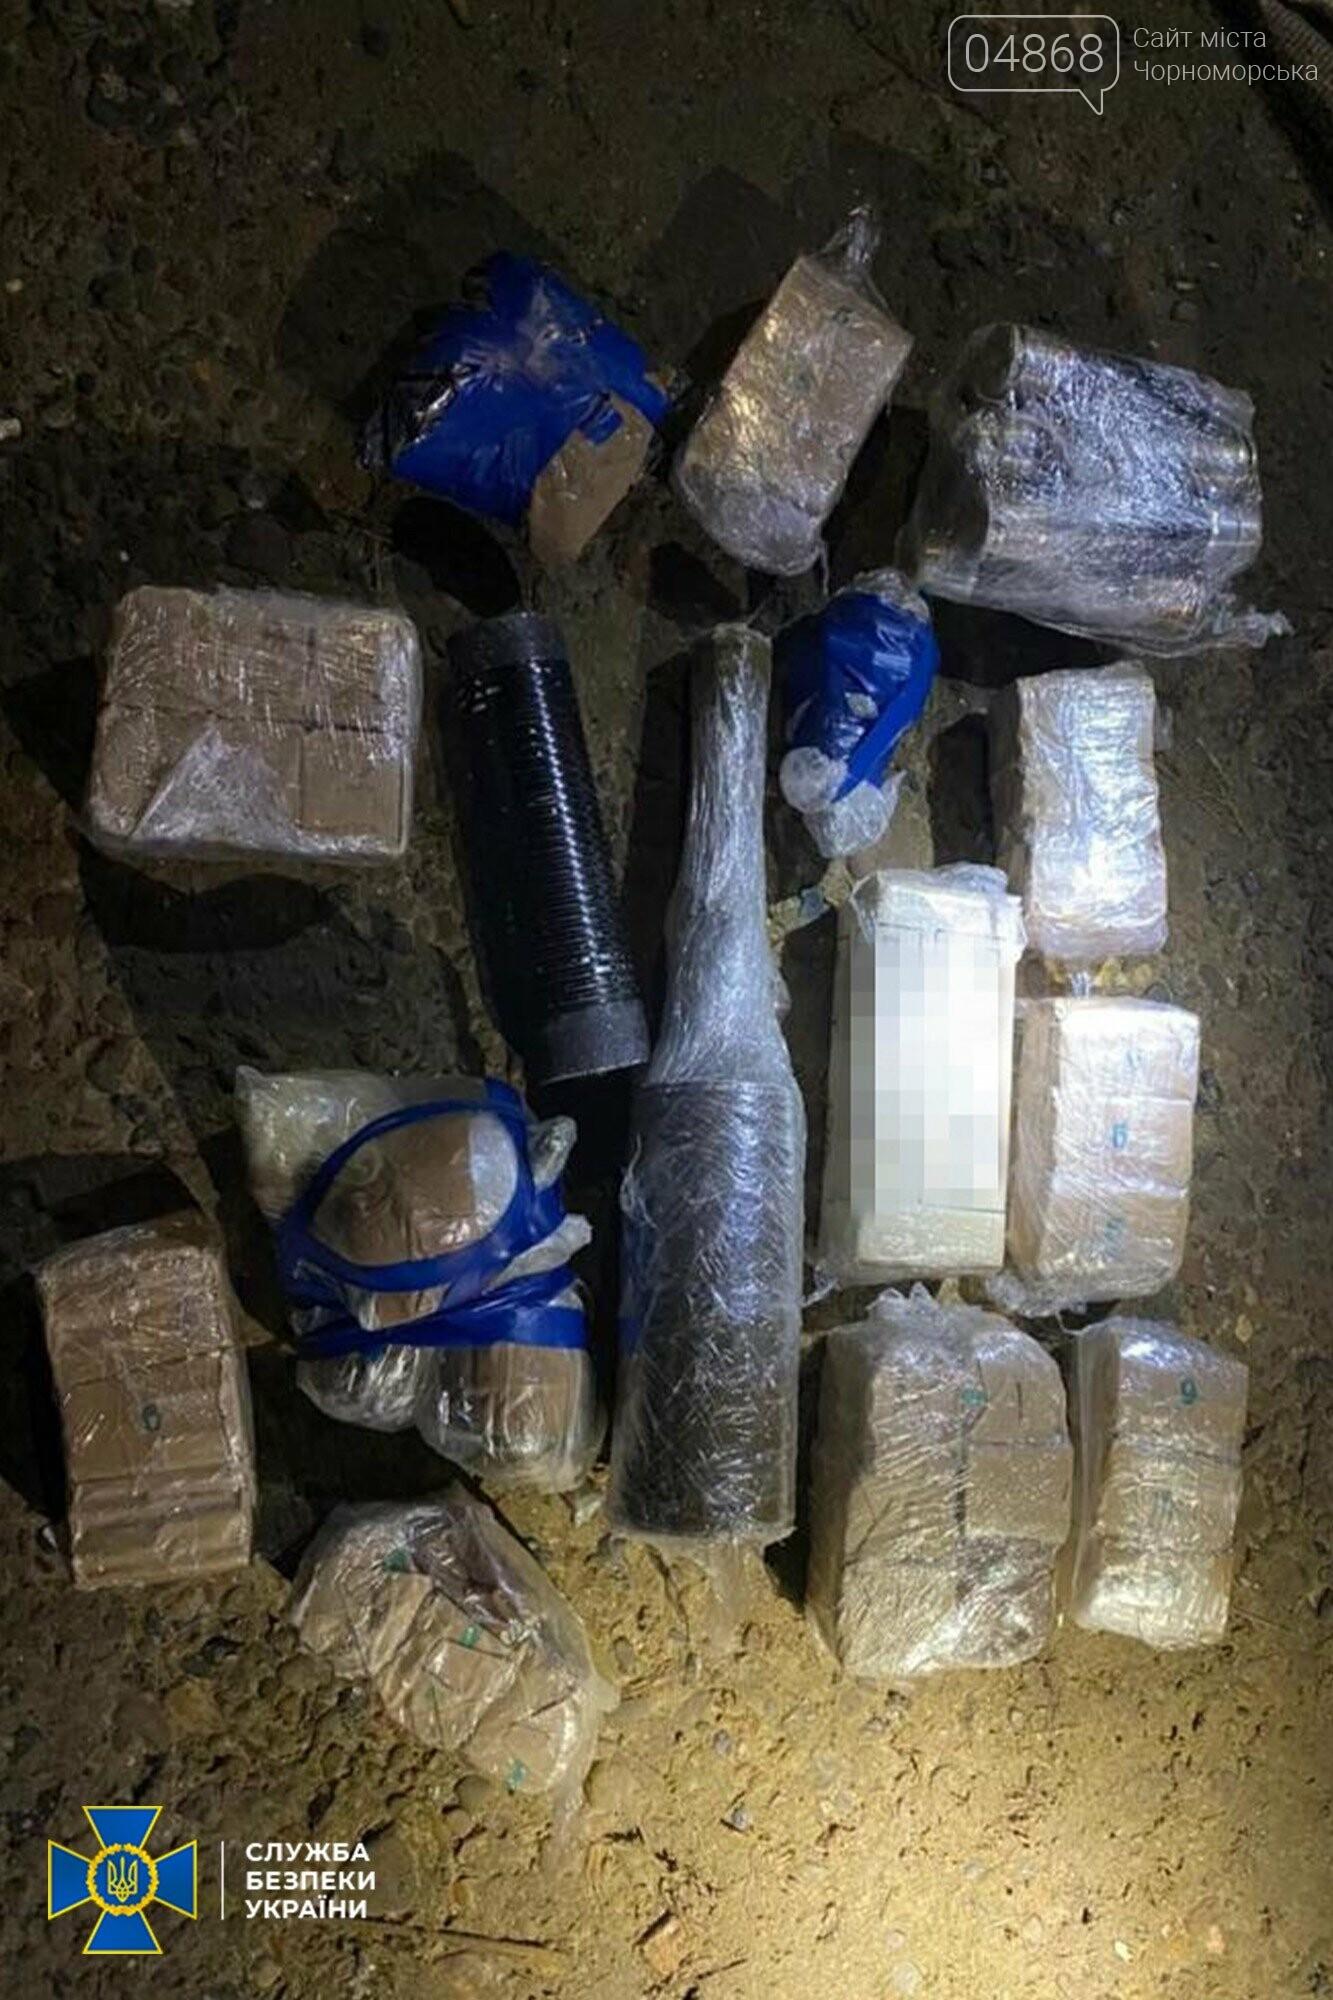 СБУ разоблачила преступную группу: переправляли мигрантов, оружие, товары, фото-4